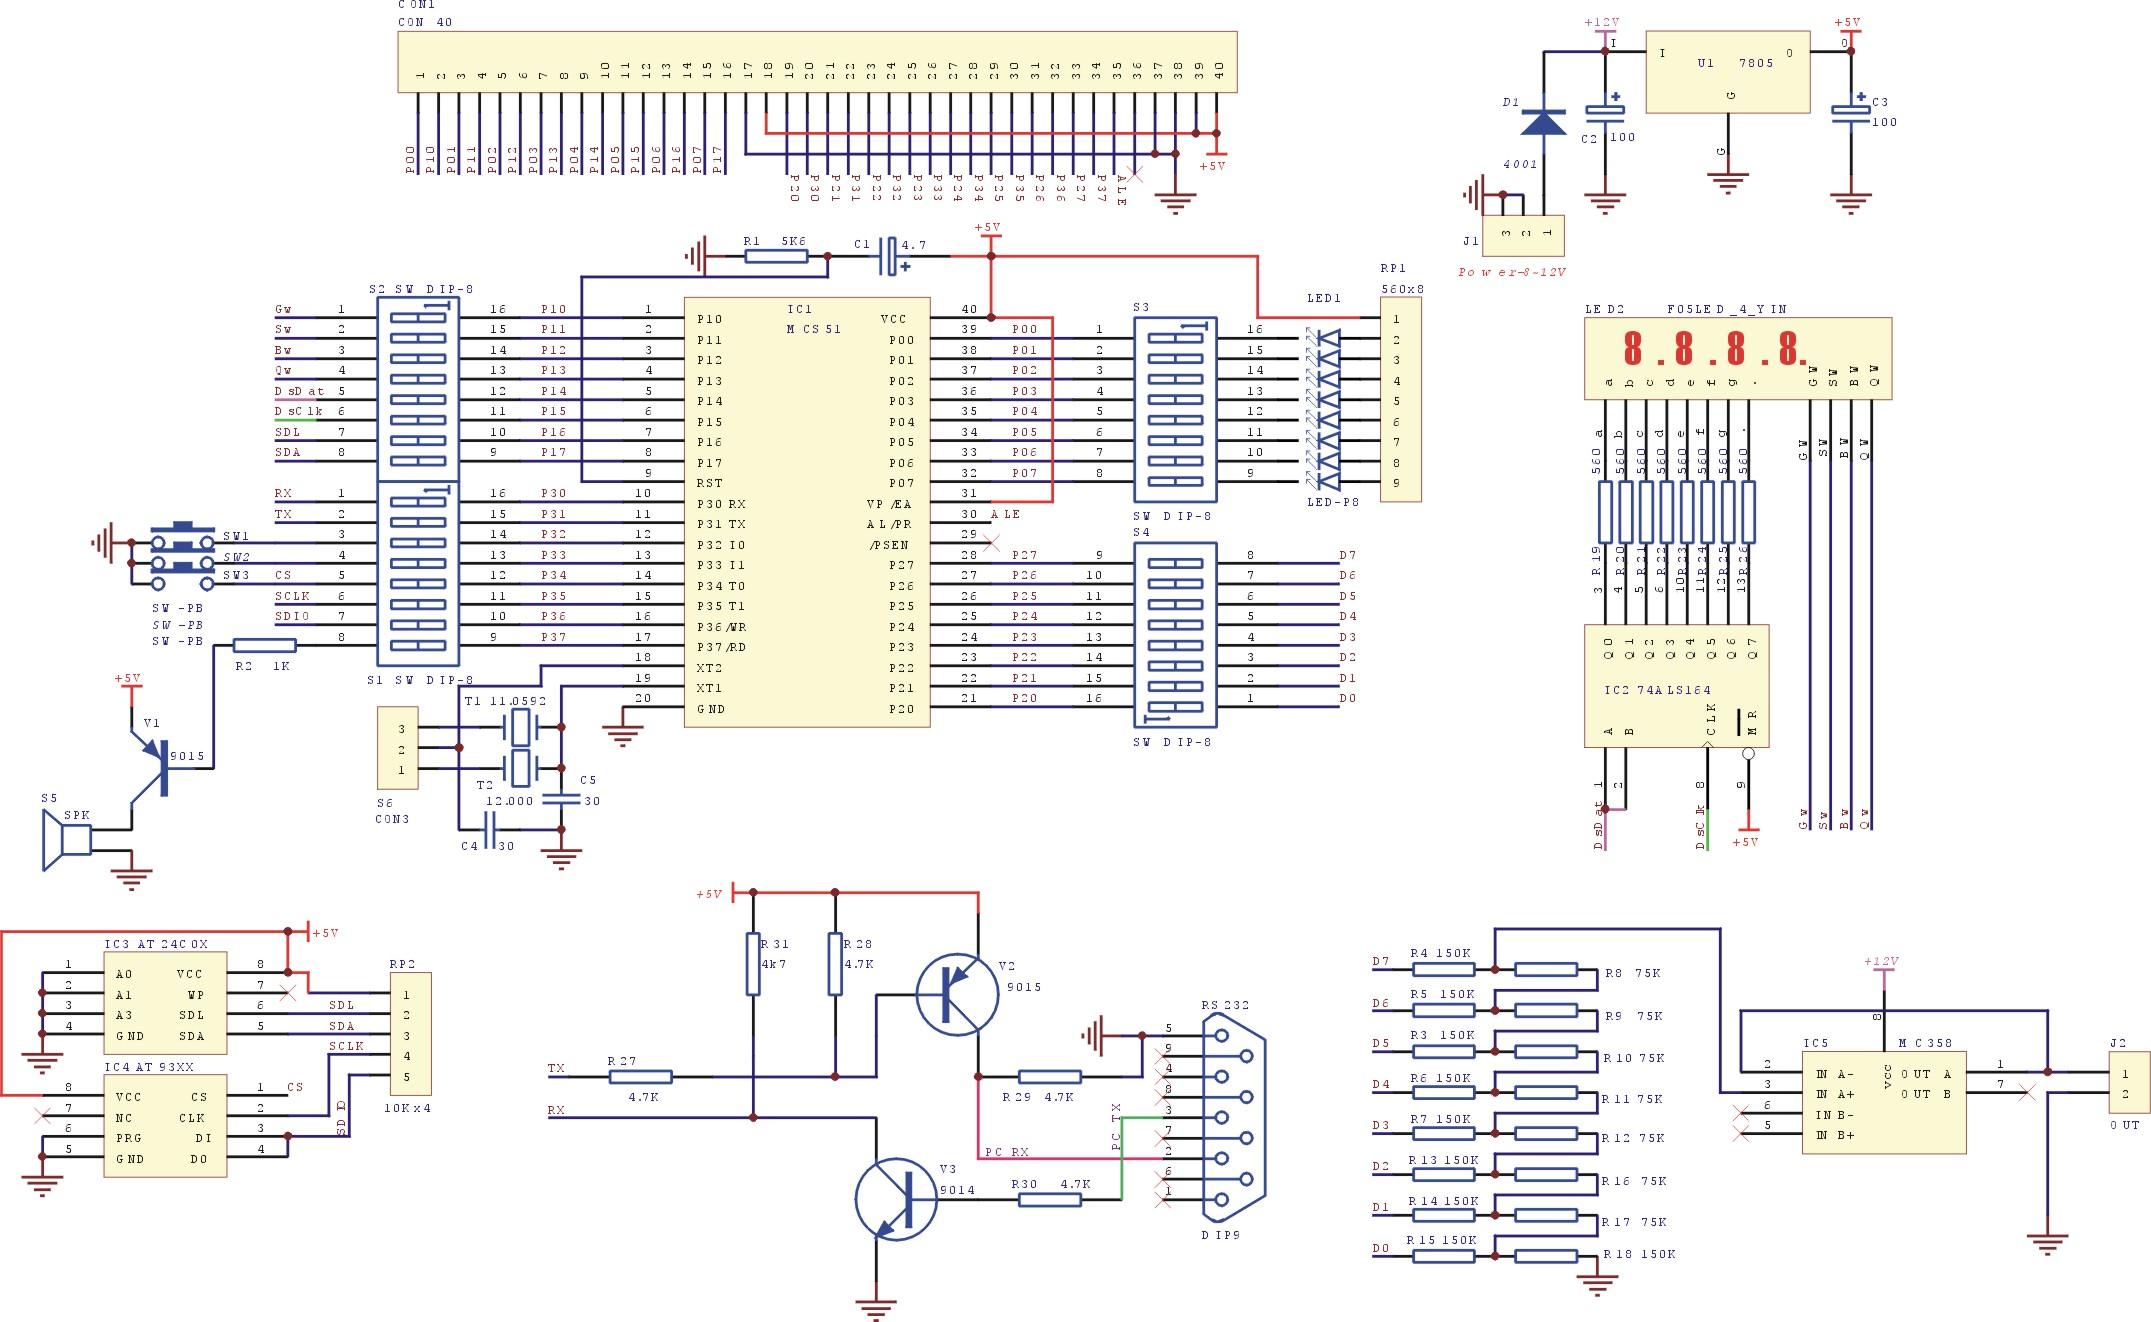 Moremcs51 Led Chasing Circuit Diagram Using At89c2051 By Pdf File Format